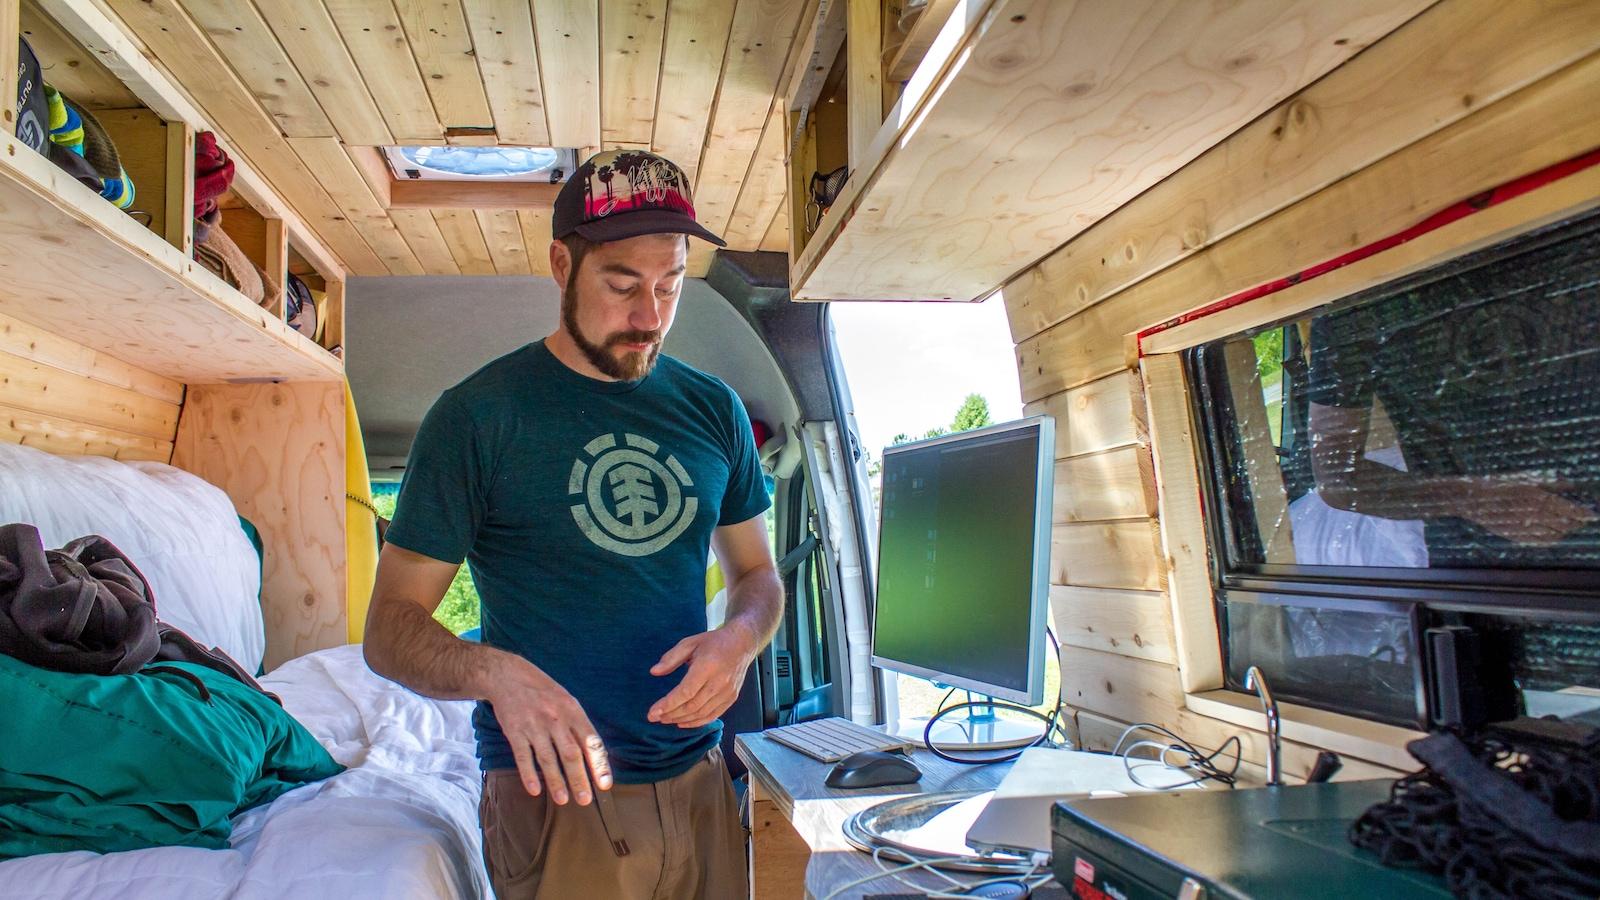 Un homme se trouve à l'intérieur d'une fourgonnette entièrement aménagée pour y vivre au quotidien. On y voit un lit, un évier et des armoires.